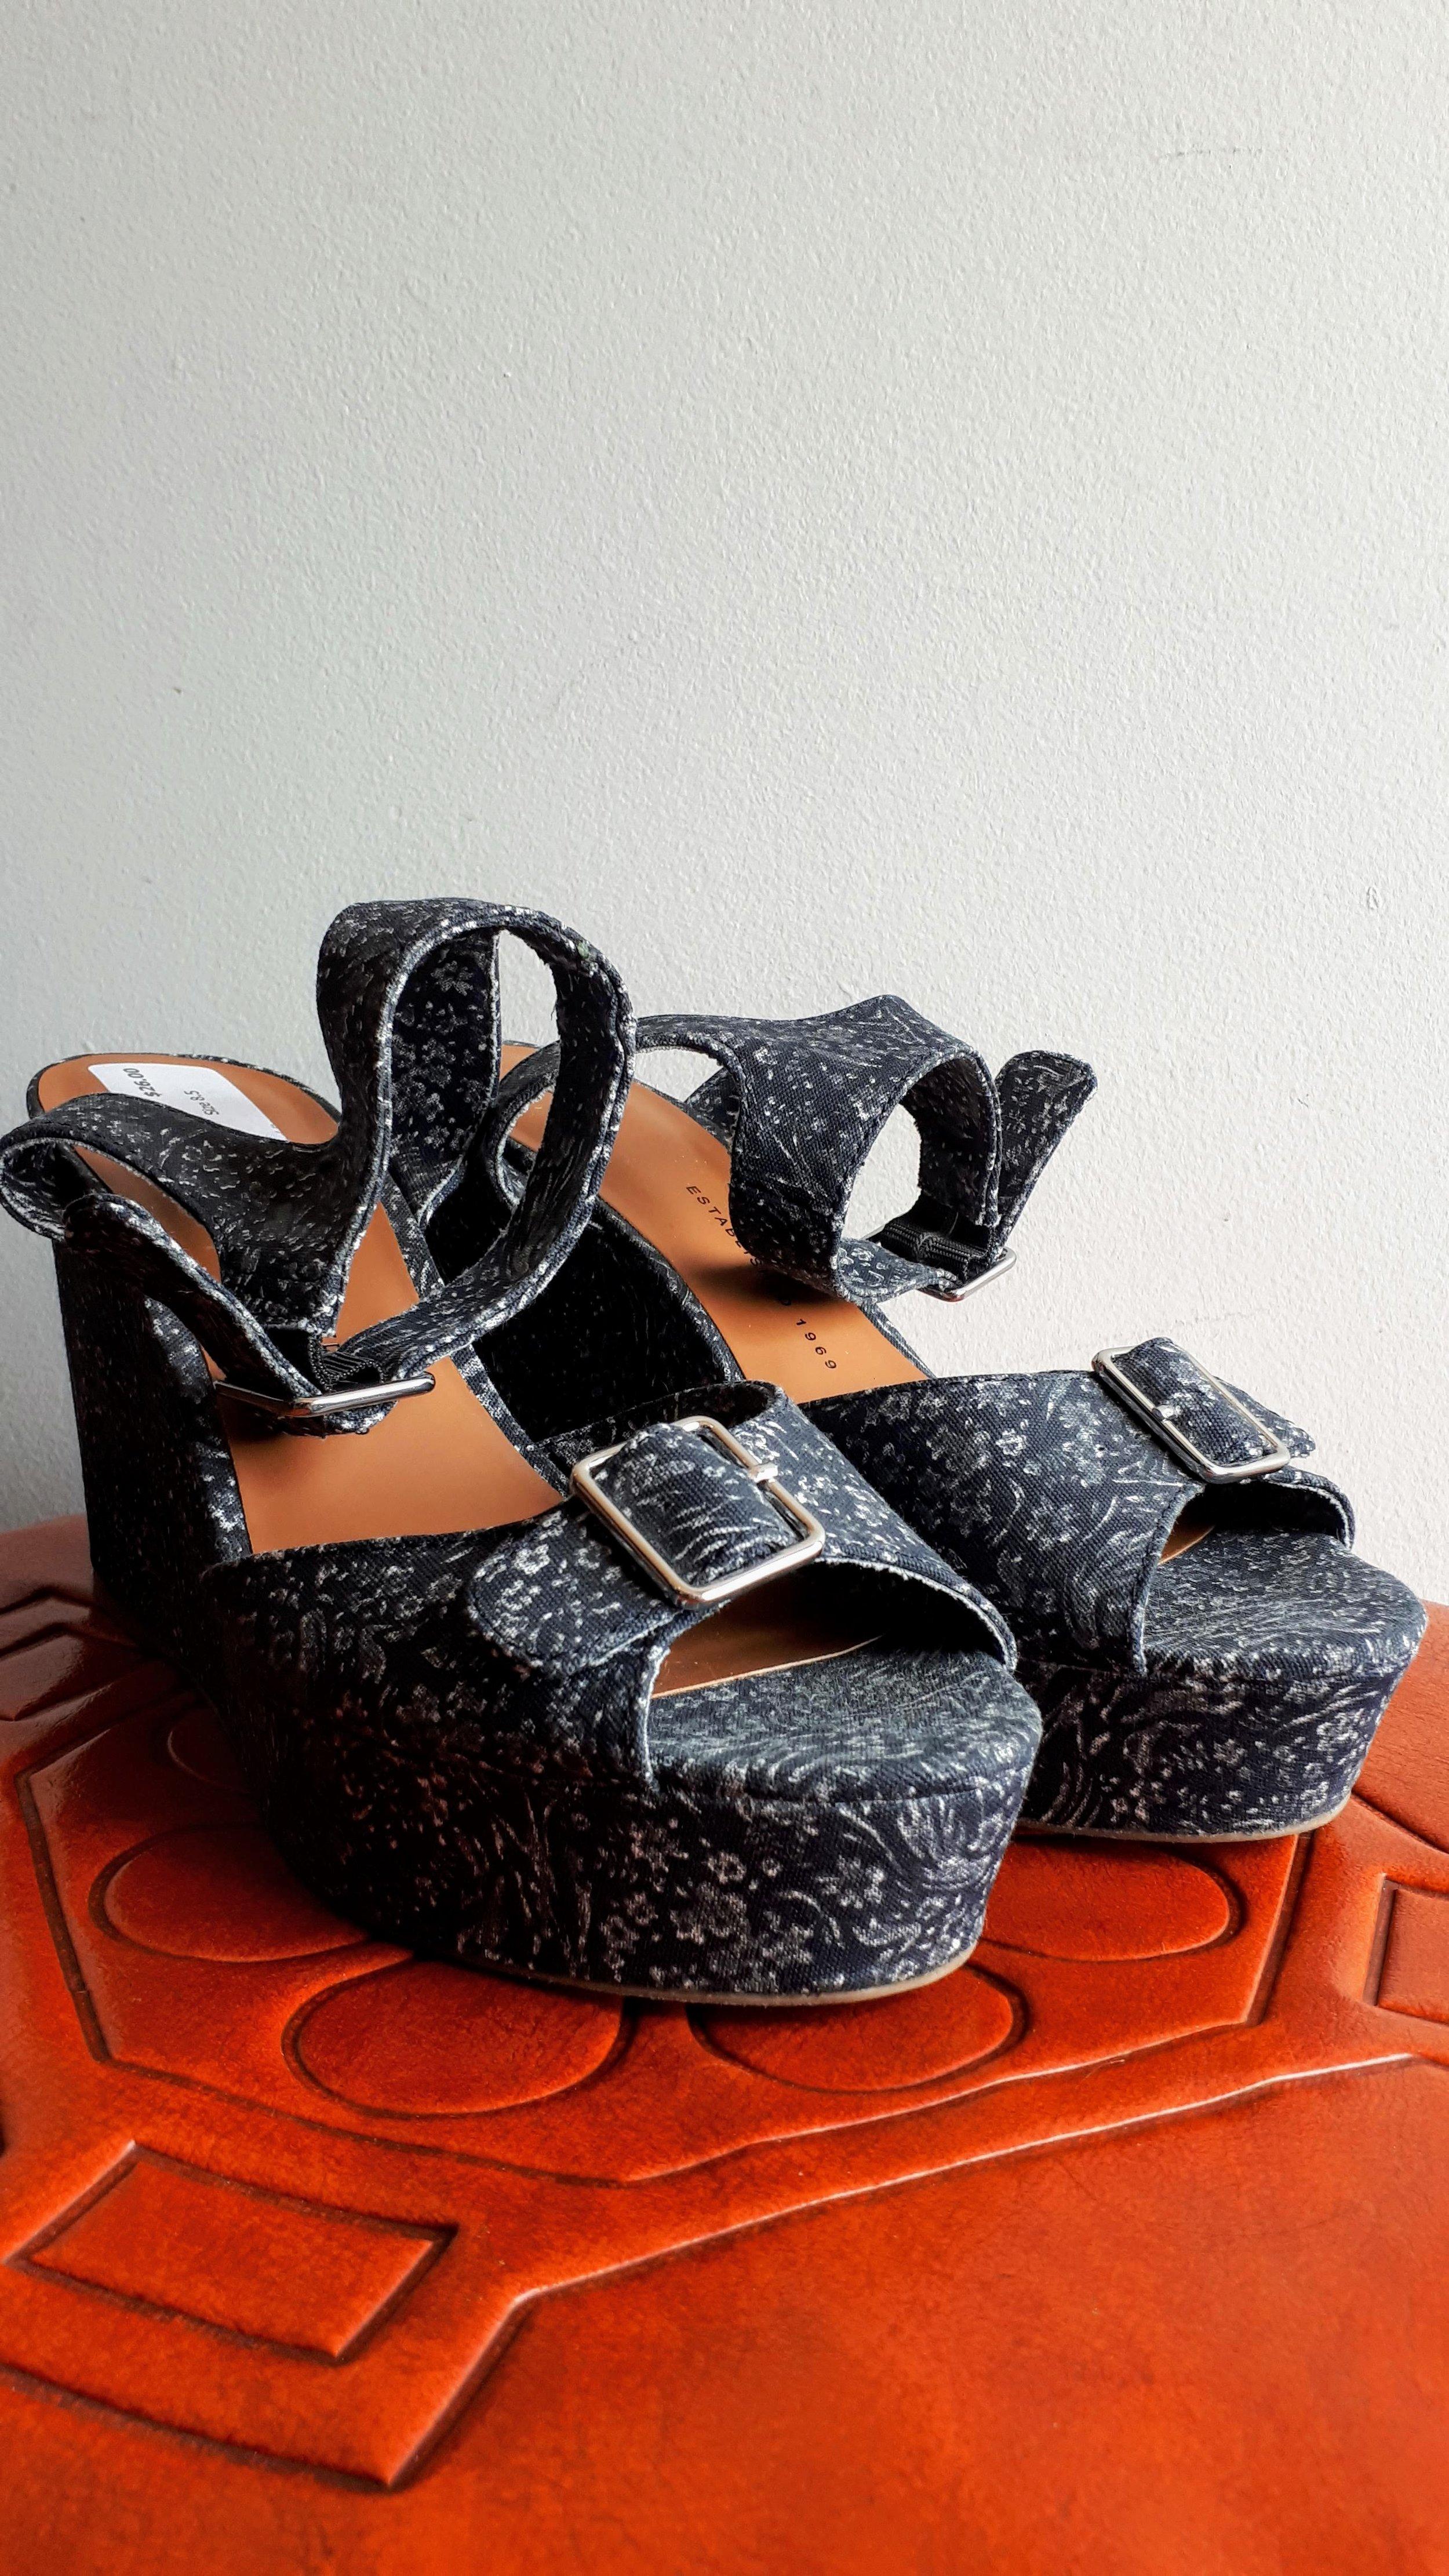 Gap shoes; S8.5, $26